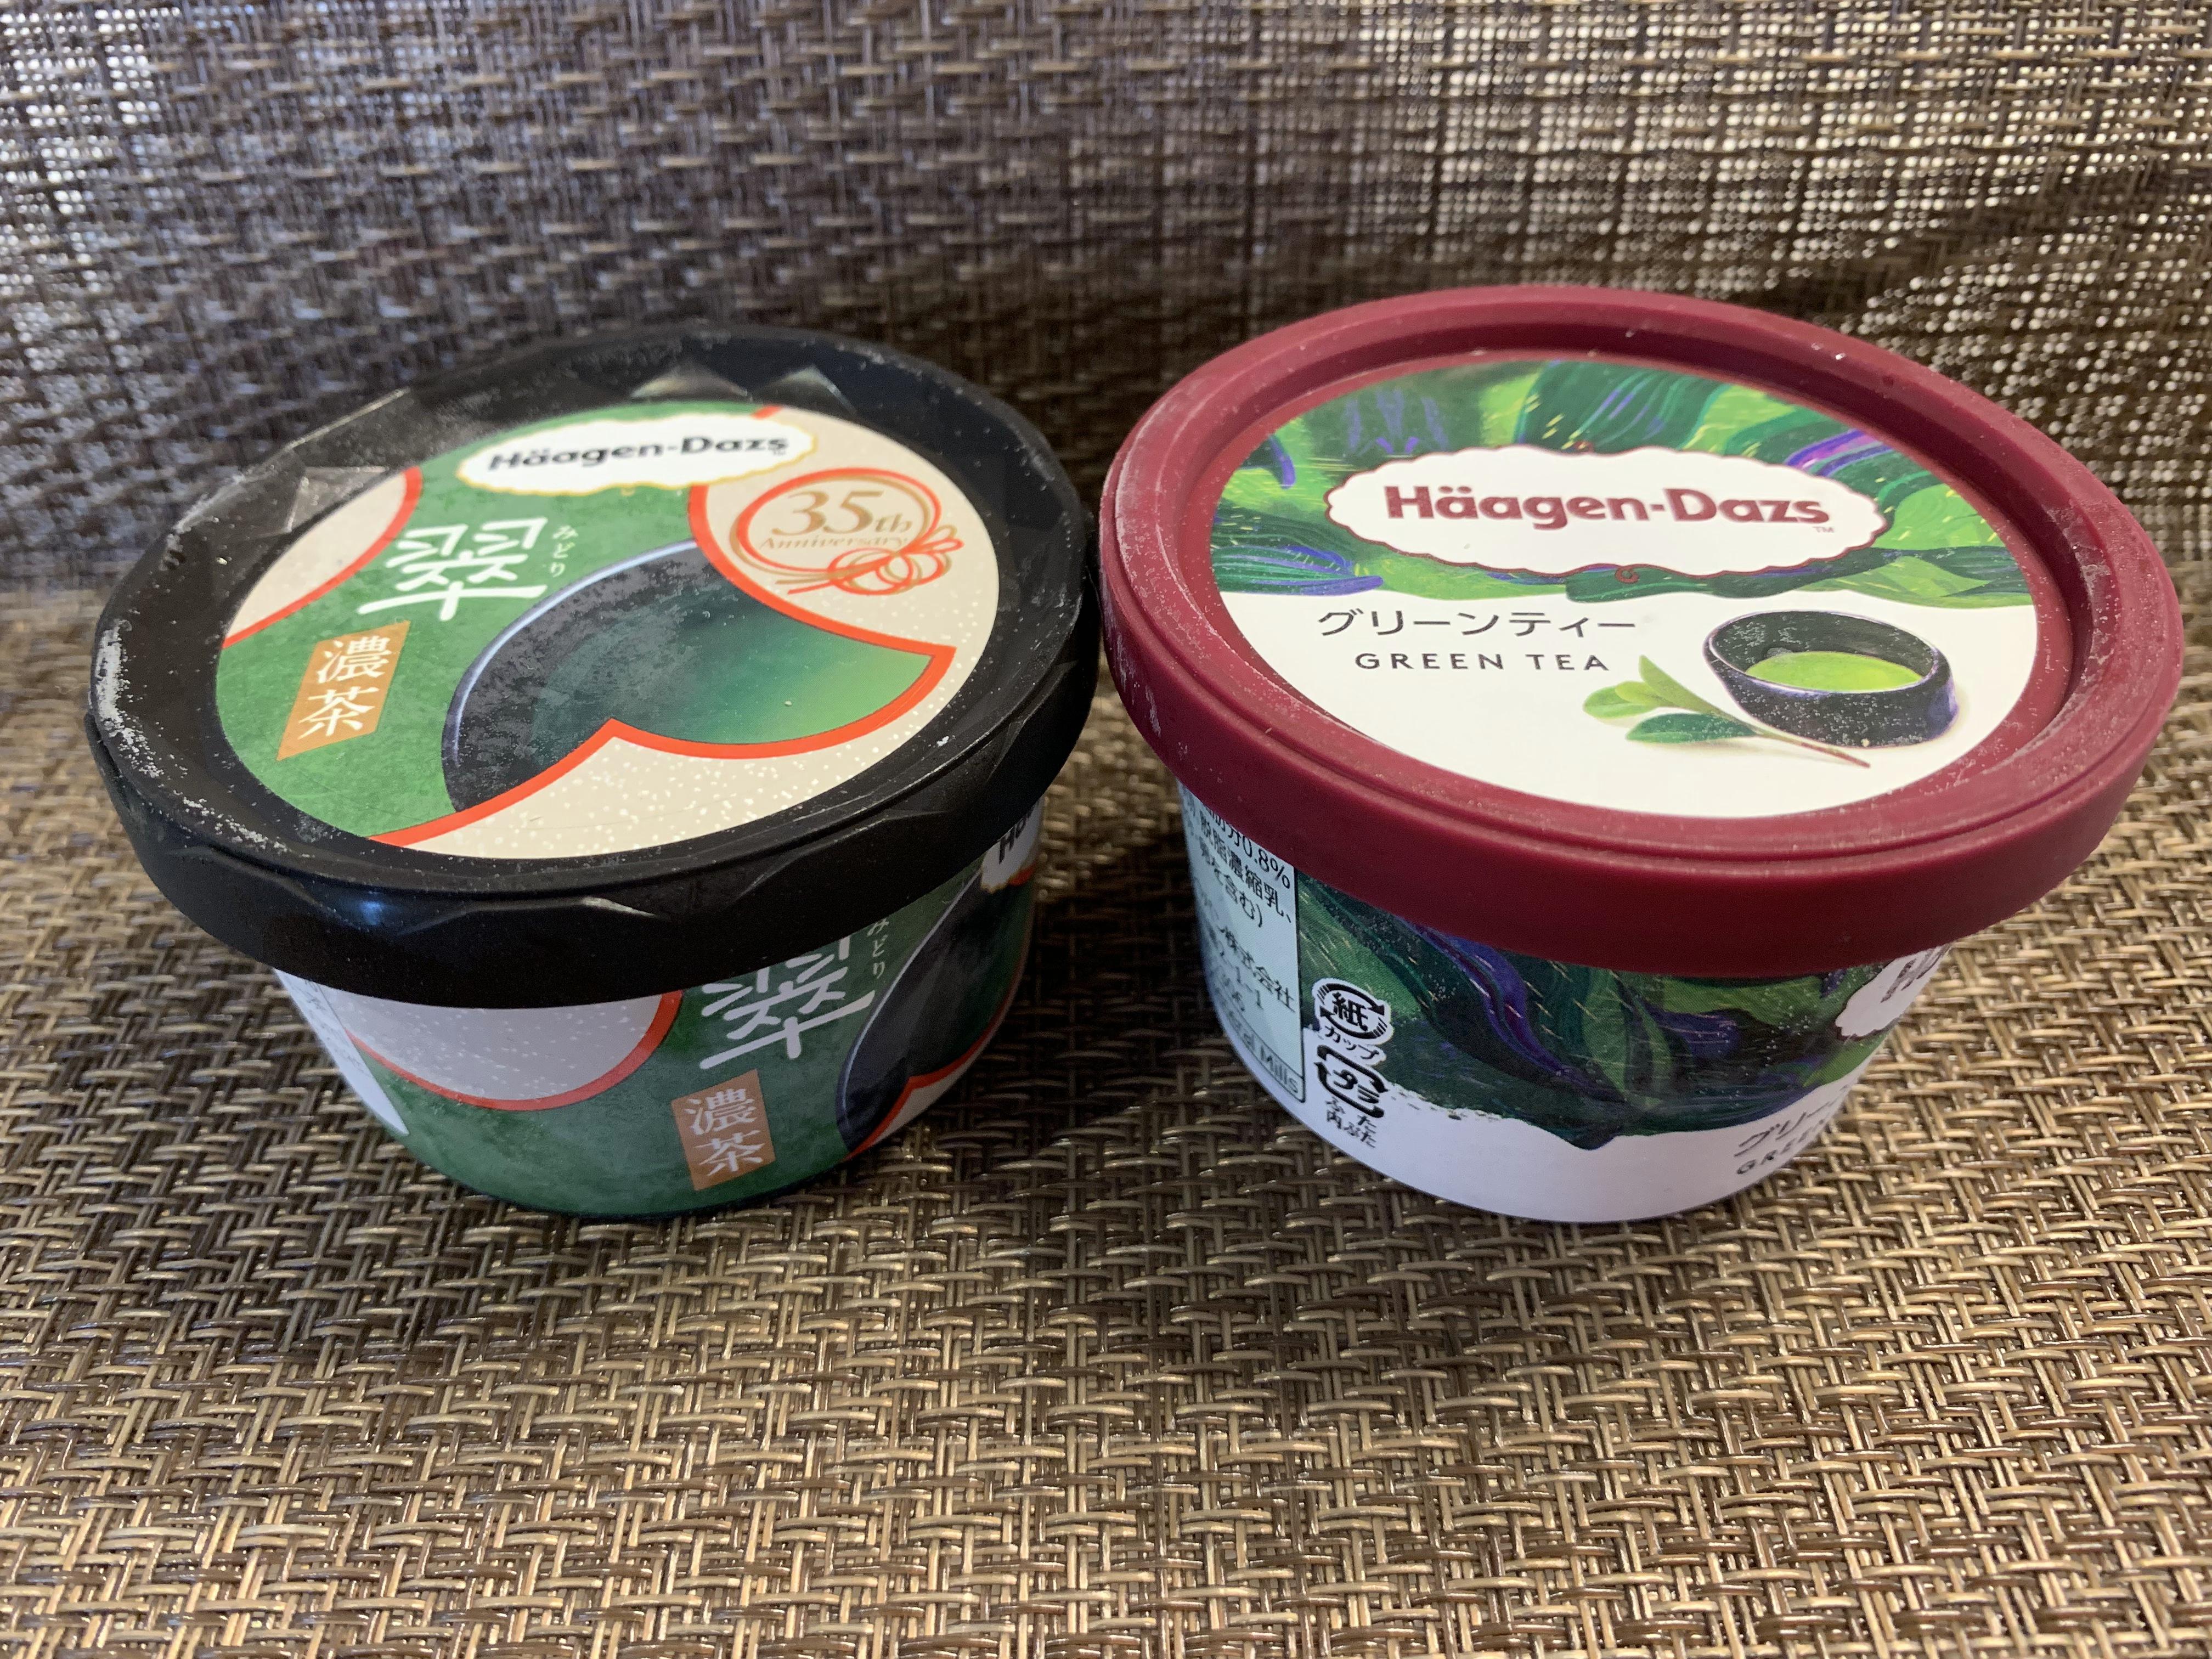 ハーゲンダッツ抹茶の新作「翠~濃茶~」食べ比べ:感想&口コミは?